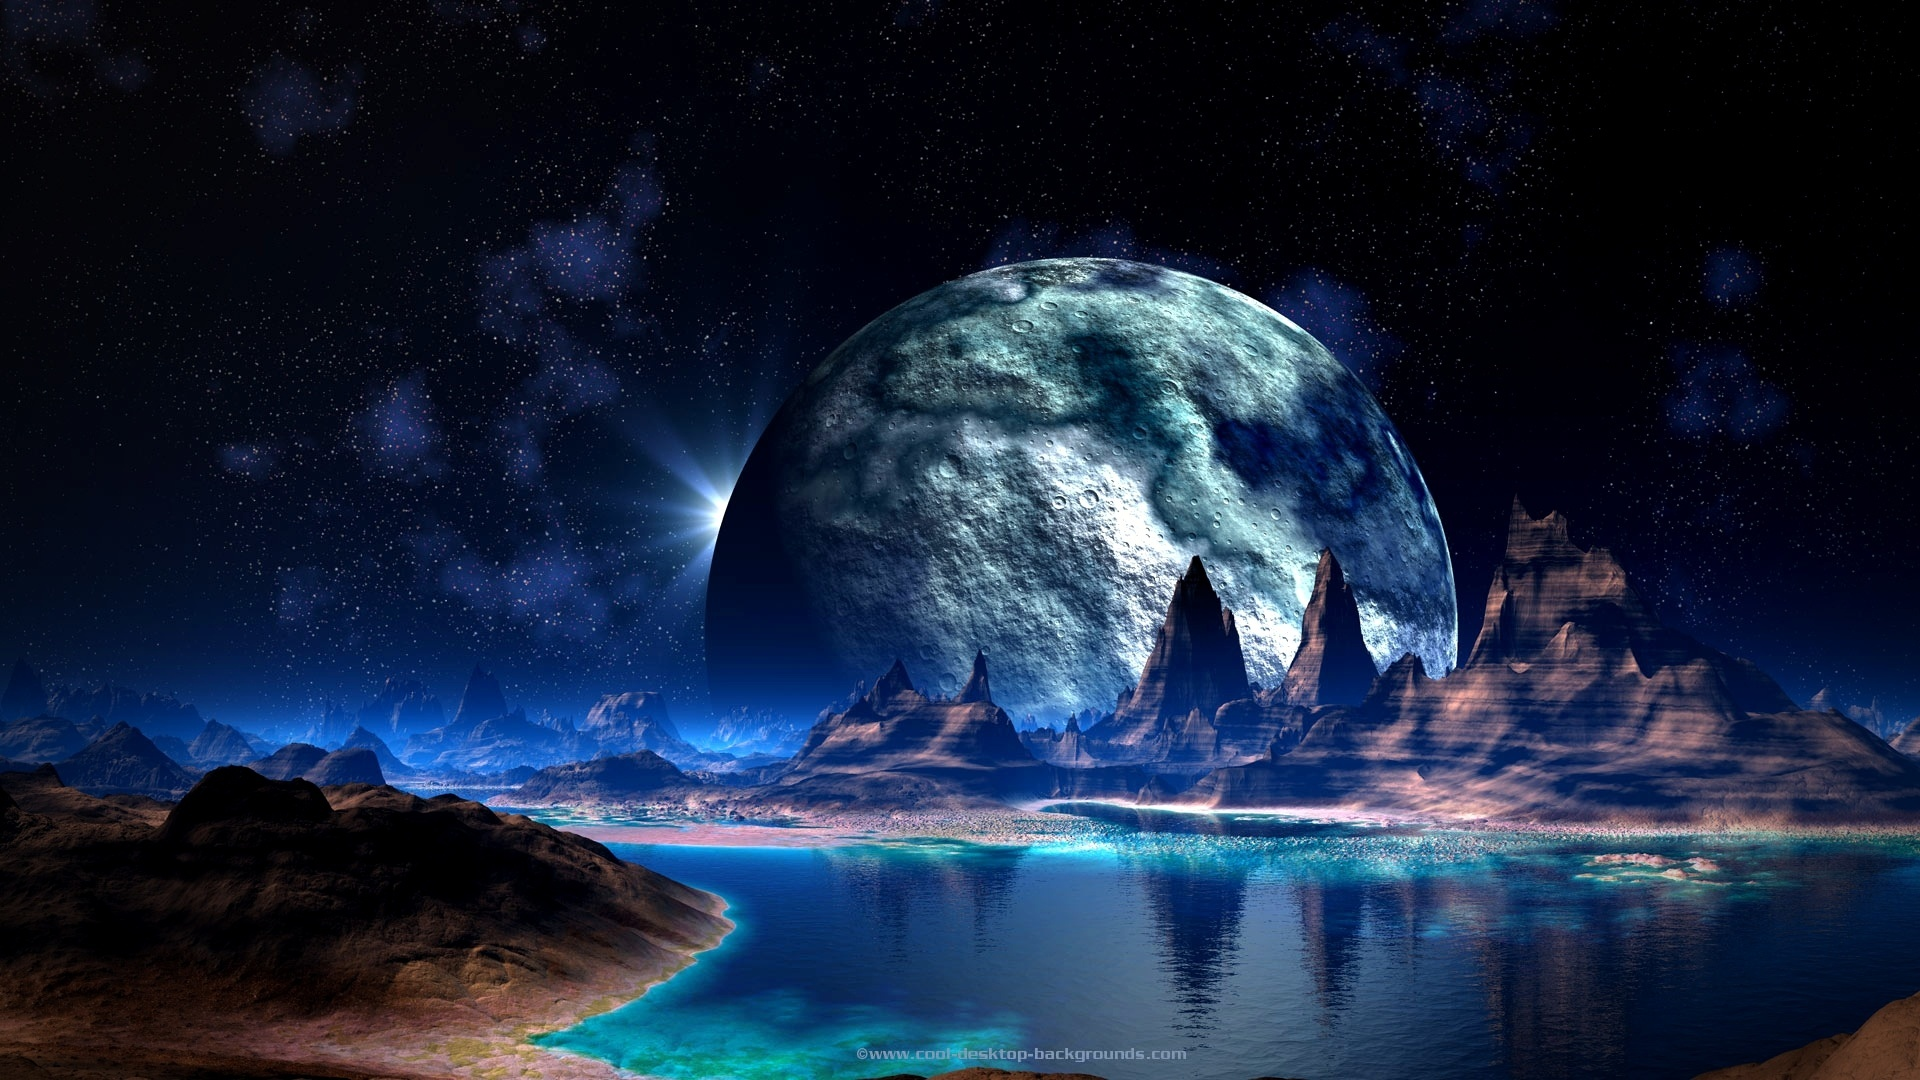 Космические пейзажи картинки на телефон